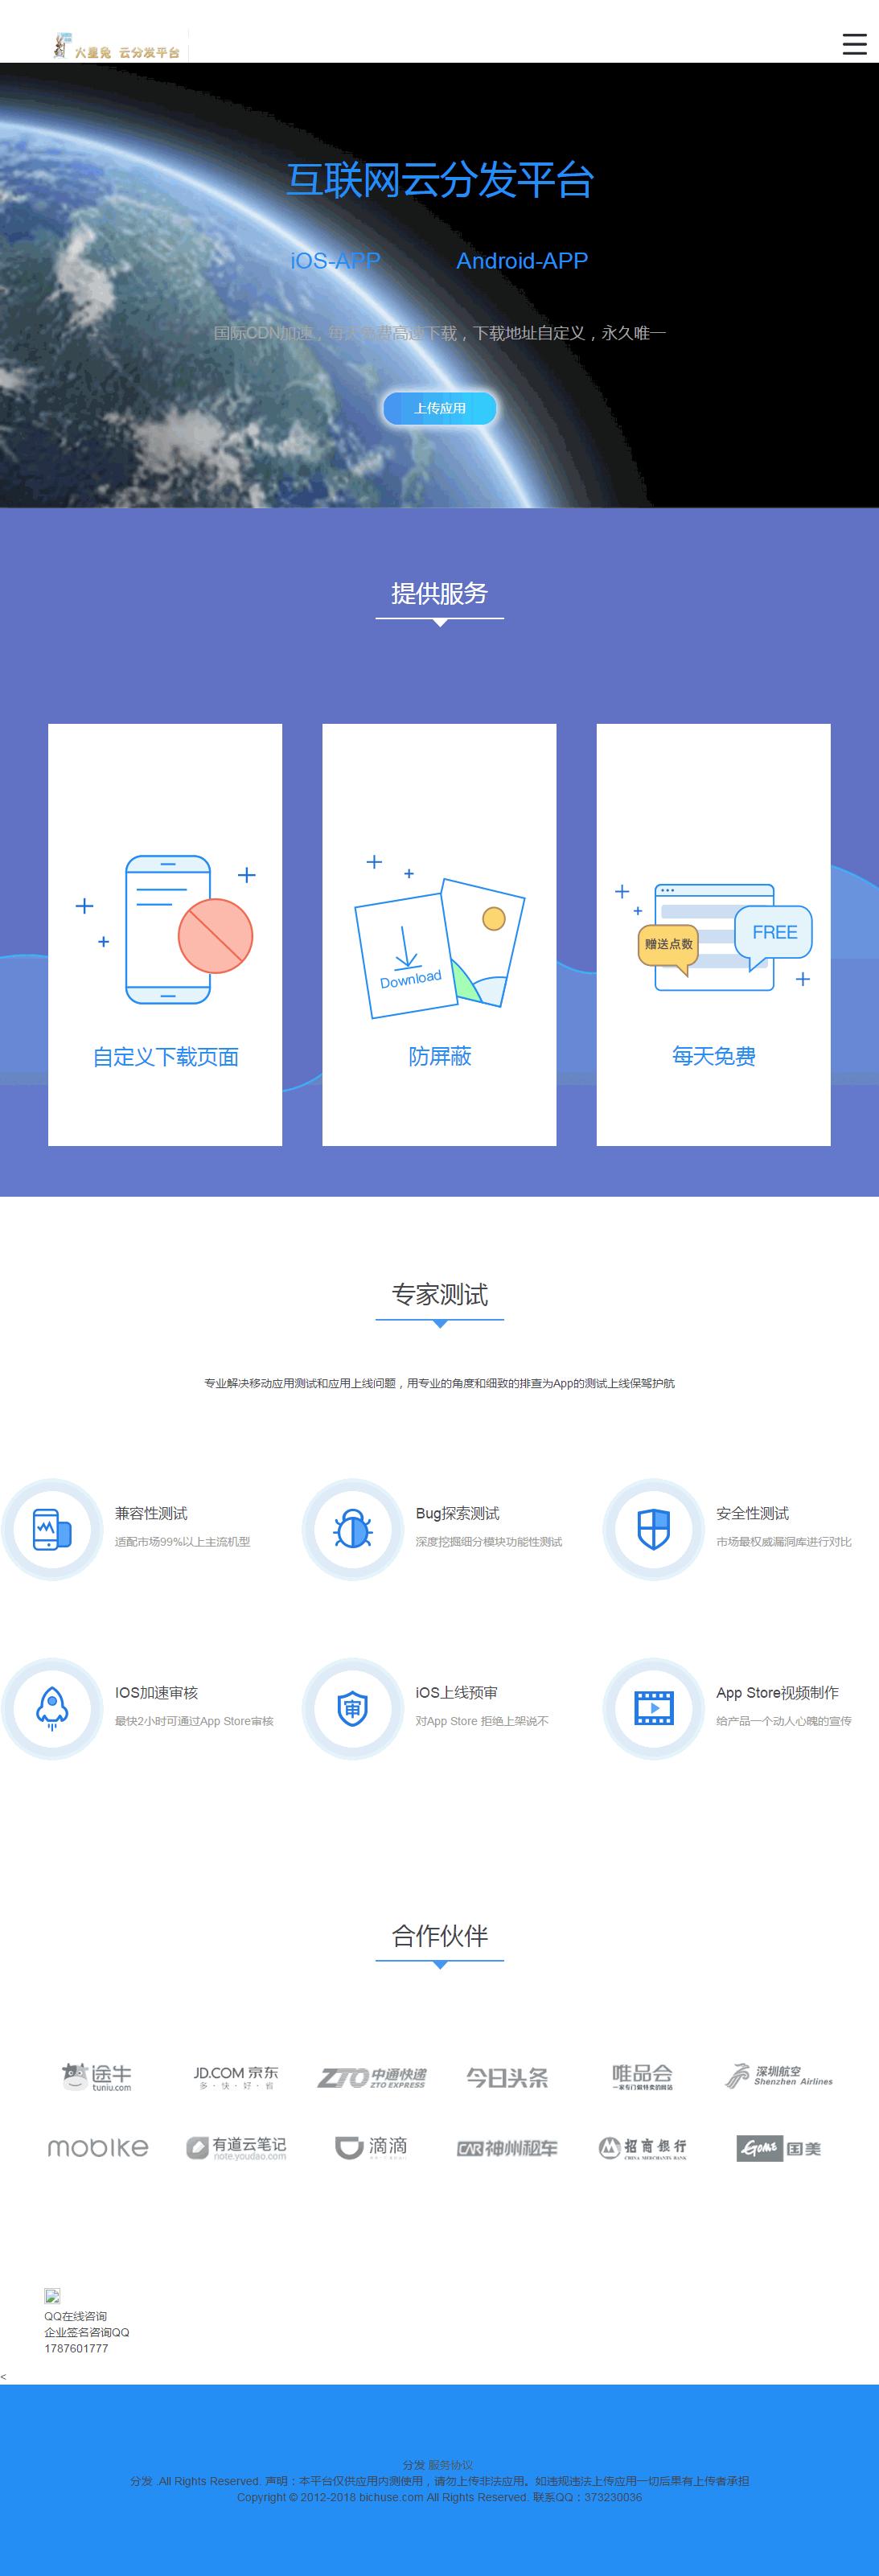 火星兔分发平台源码,已对接码支付,App托管服务分发平台源码,安卓应用托管源码,iOS分发源码,ipa企业签名